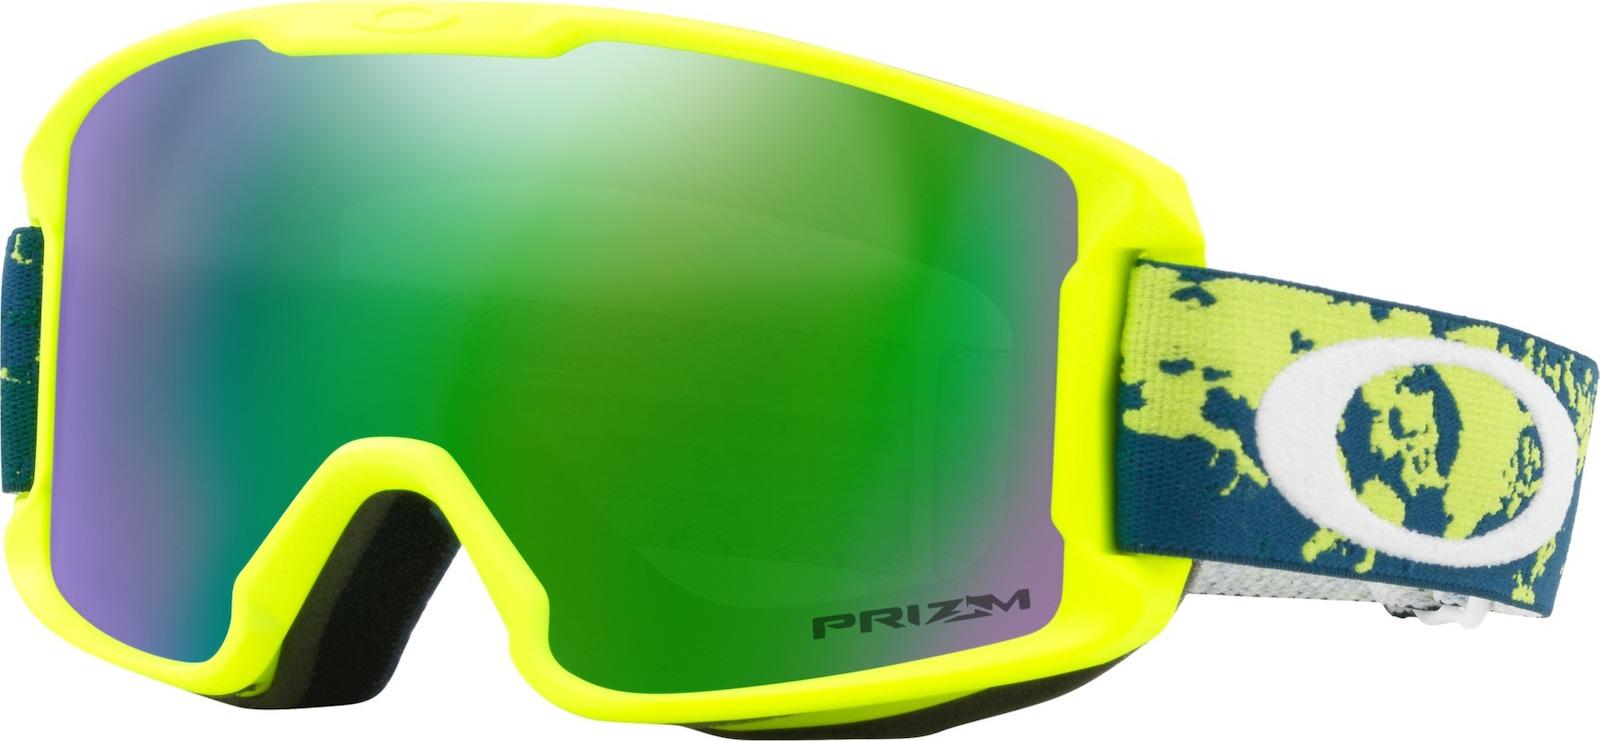 Προσθήκη στα αγαπημένα menu Oakley Line Miner Snow Goggle Youth Fit OO7095 -13 59b4668fb98